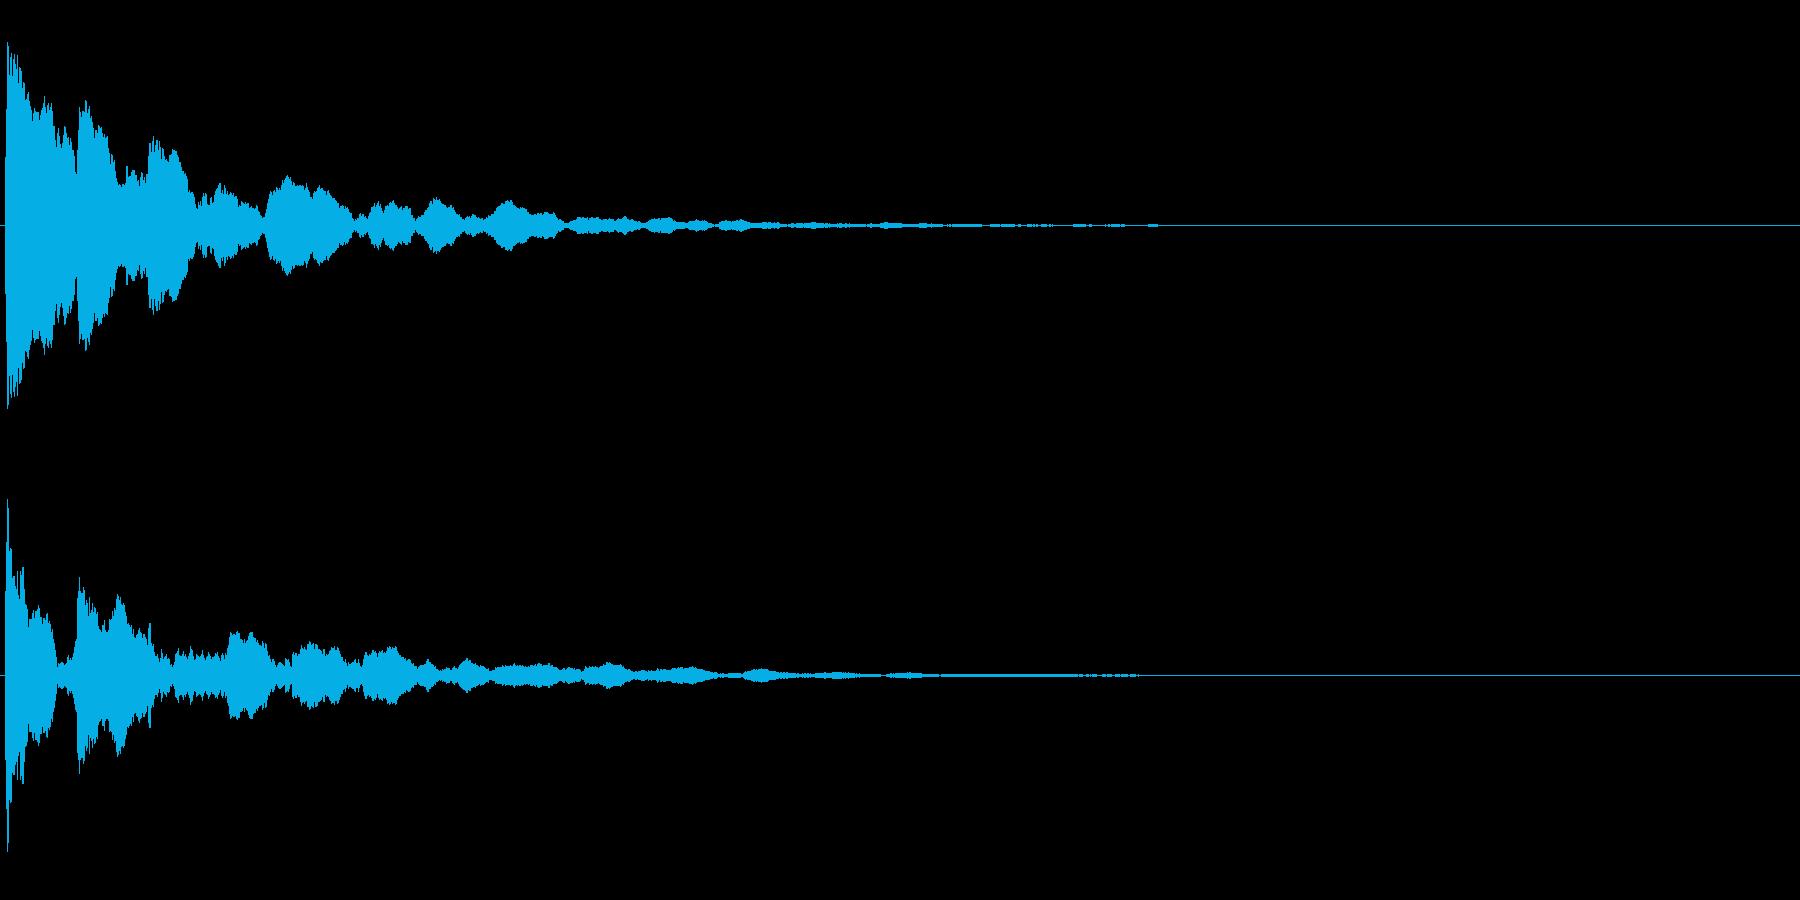 ピコーン テロップ・決定音・タッチ音の再生済みの波形